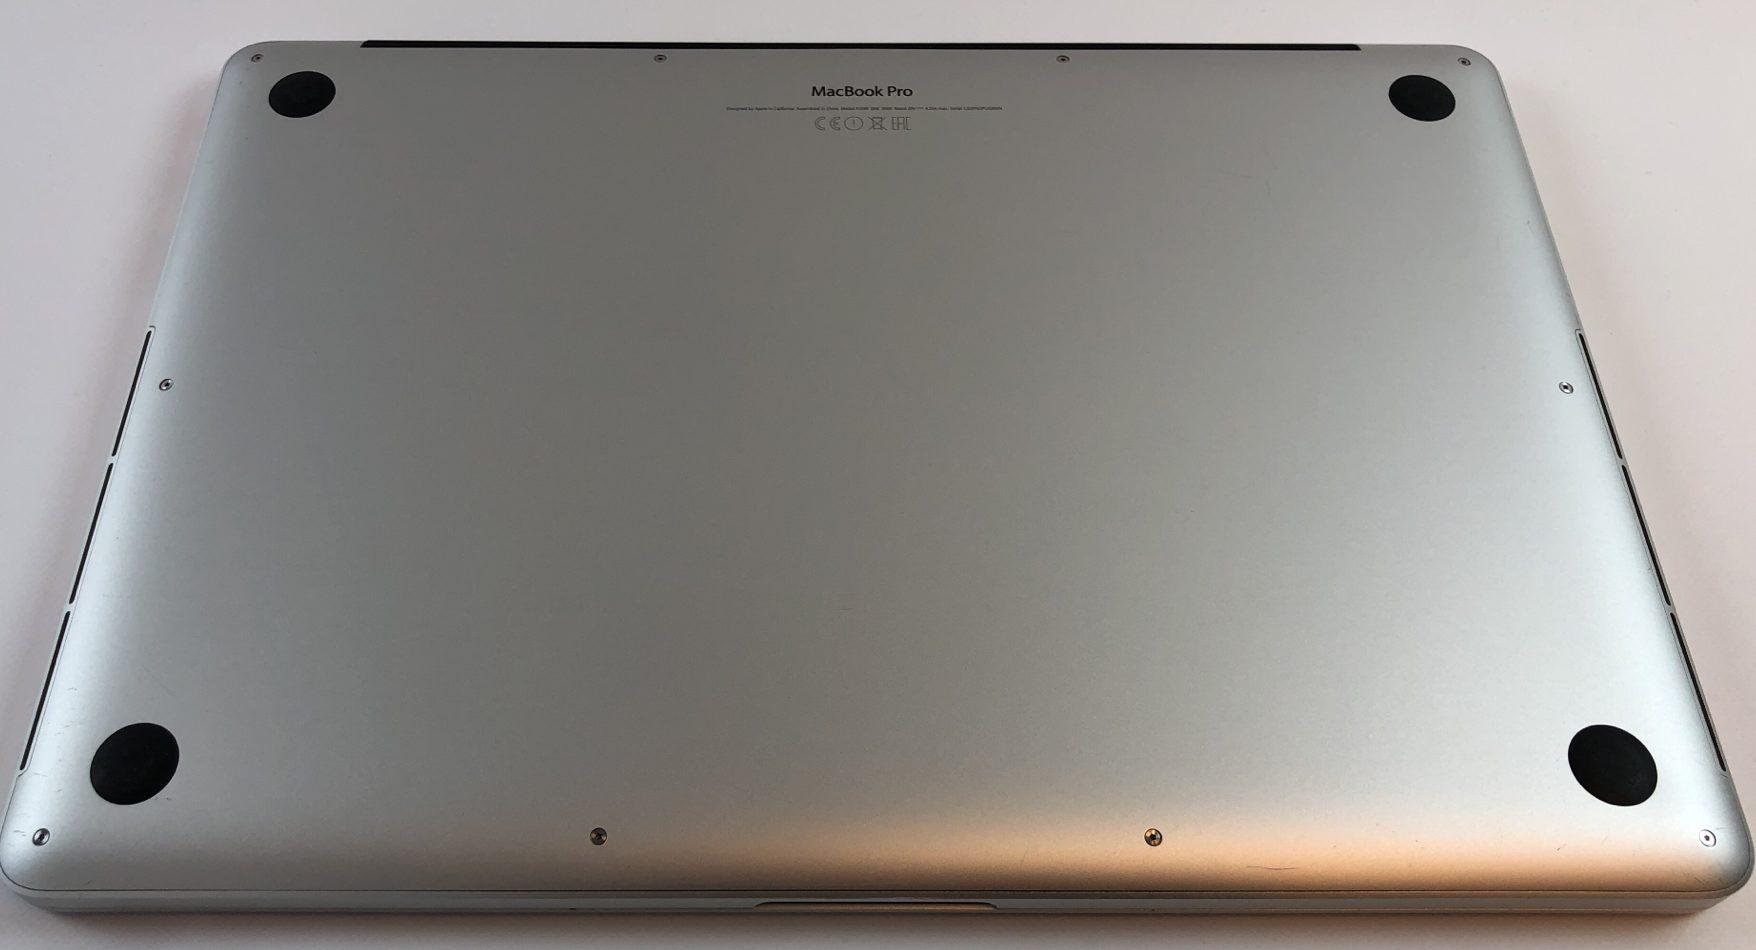 """MacBook Pro Retina 15"""" Mid 2015 (Intel Quad-Core i7 2.2 GHz 16 GB RAM 256 GB SSD), Intel Quad-Core i7 2.2 GHz, 16 GB RAM, 256 GB SSD, Kuva 3"""